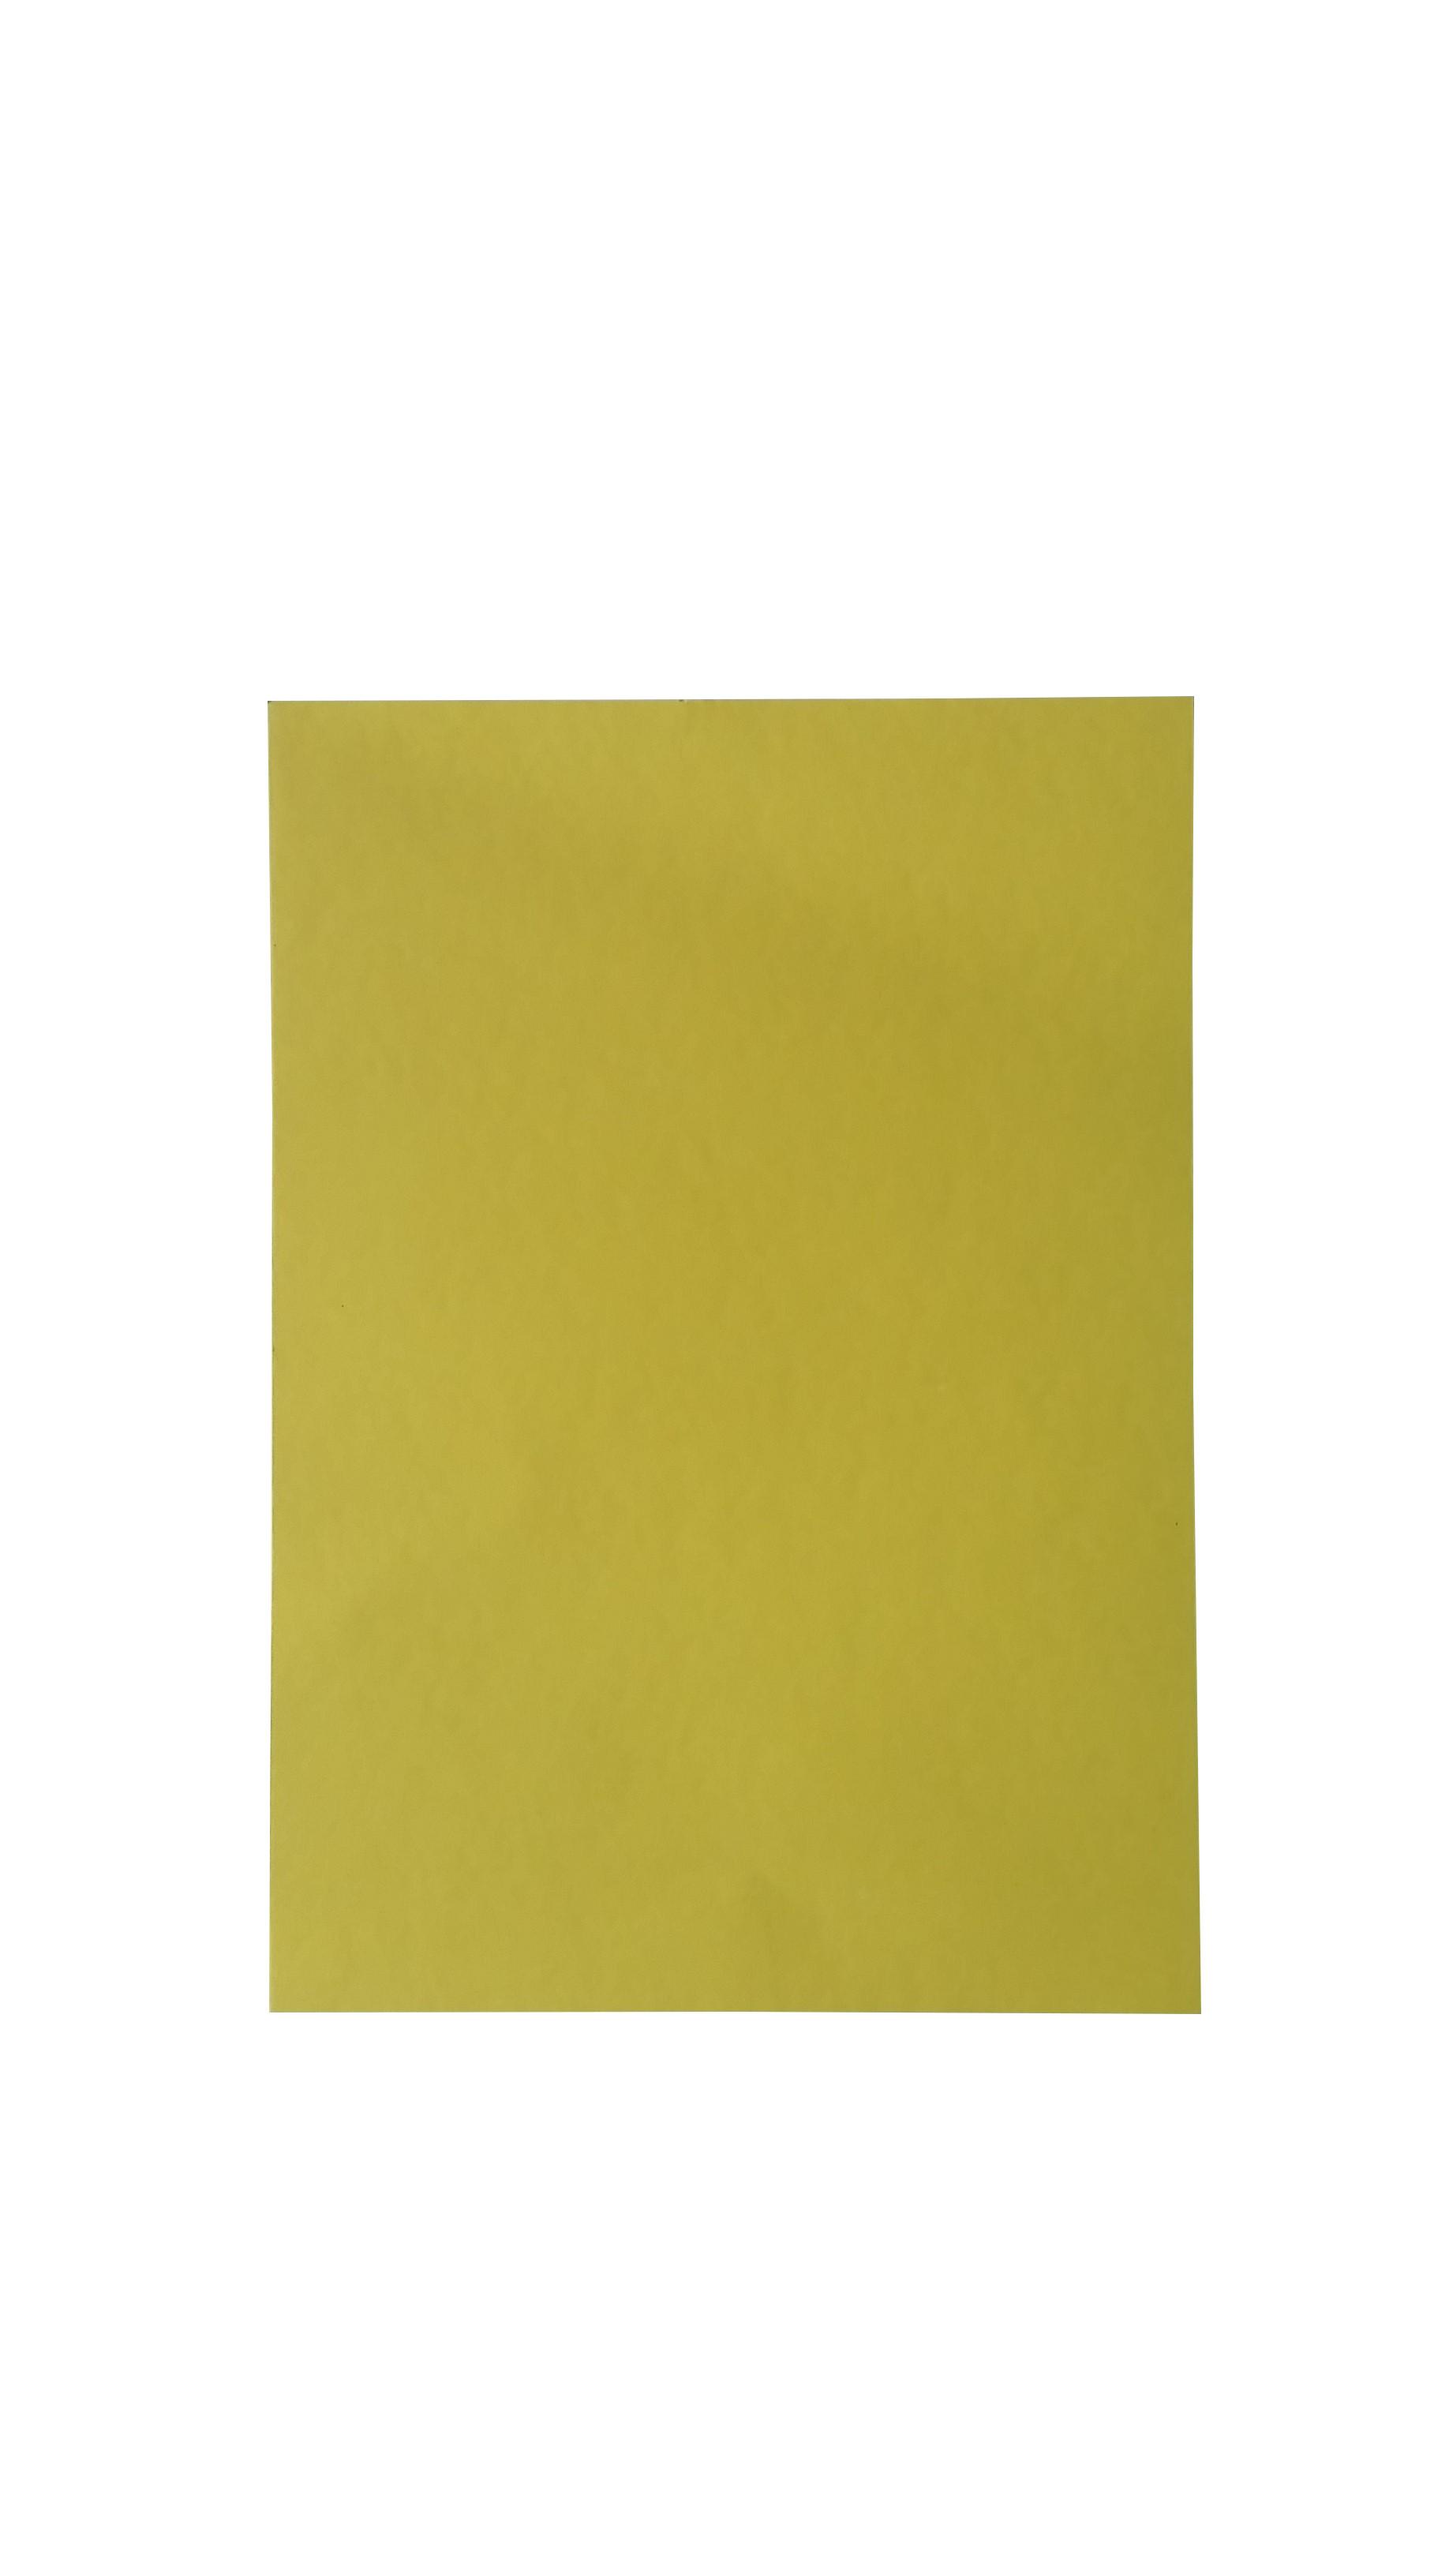 Vykres Farebny Zlty A4 180g 20 Listov Papier Obaly Sk